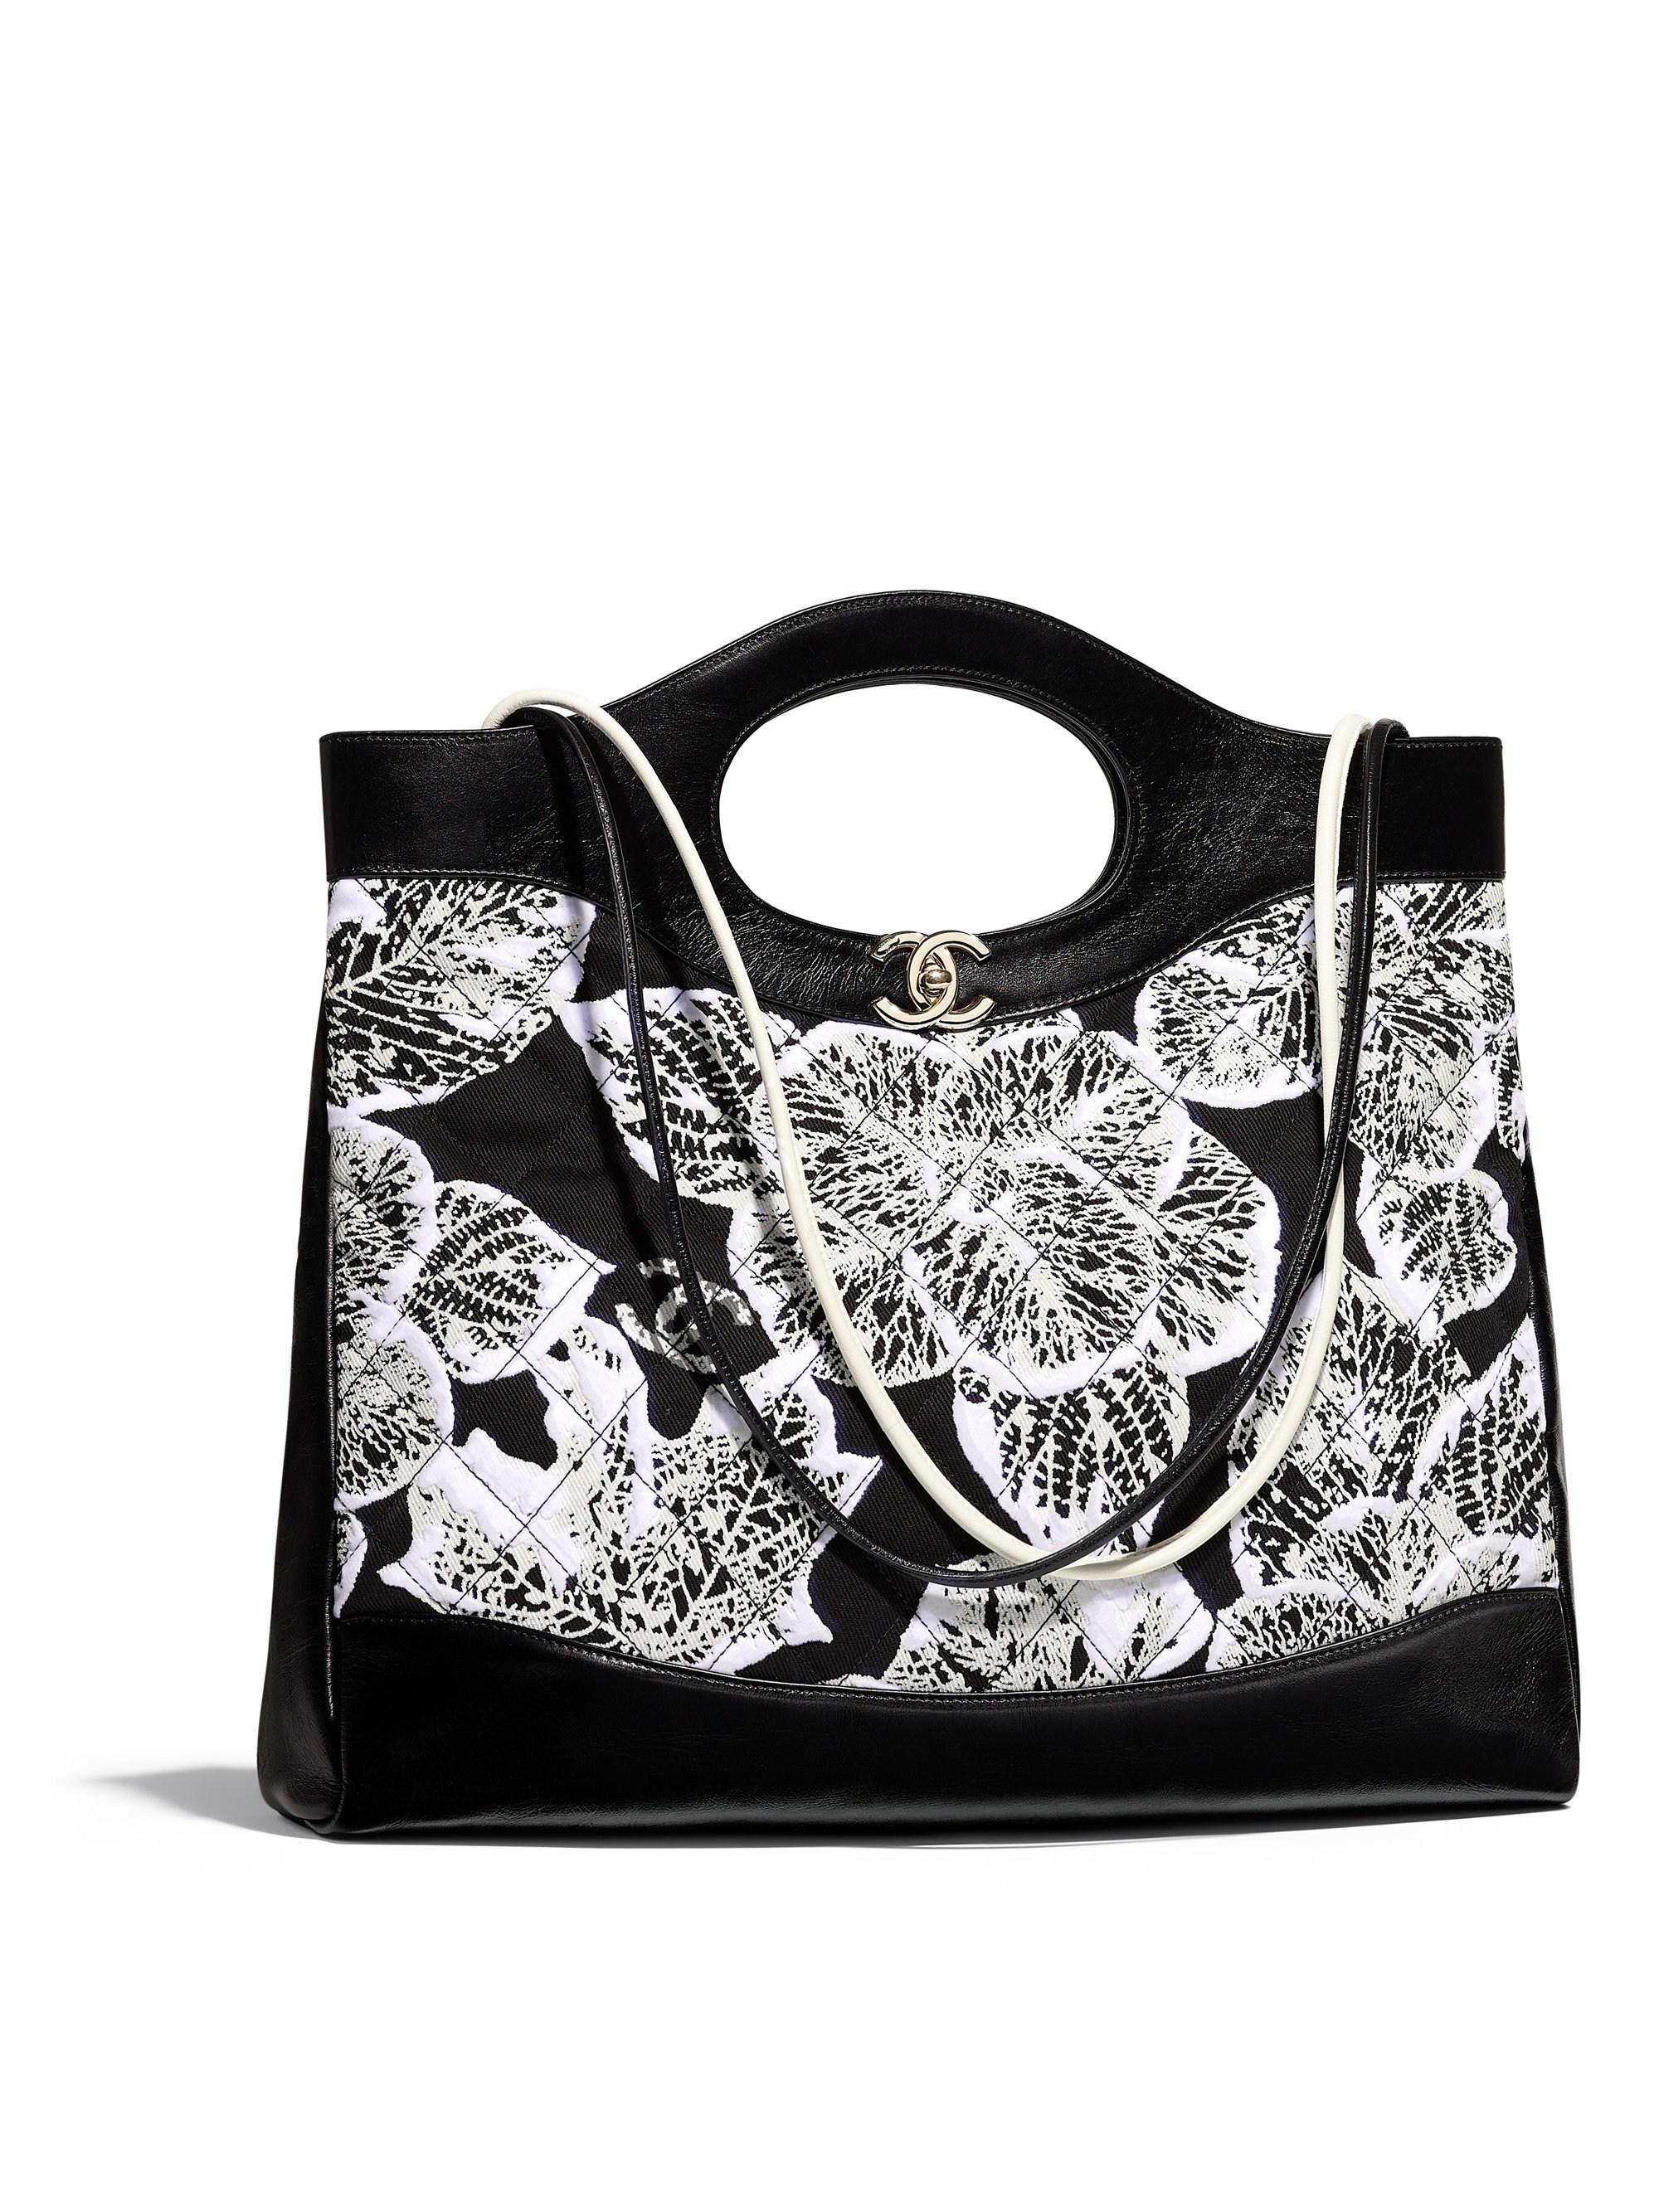 b72cdb94a22e Chanel 31 Large Shopping Bag in Black - Lyst